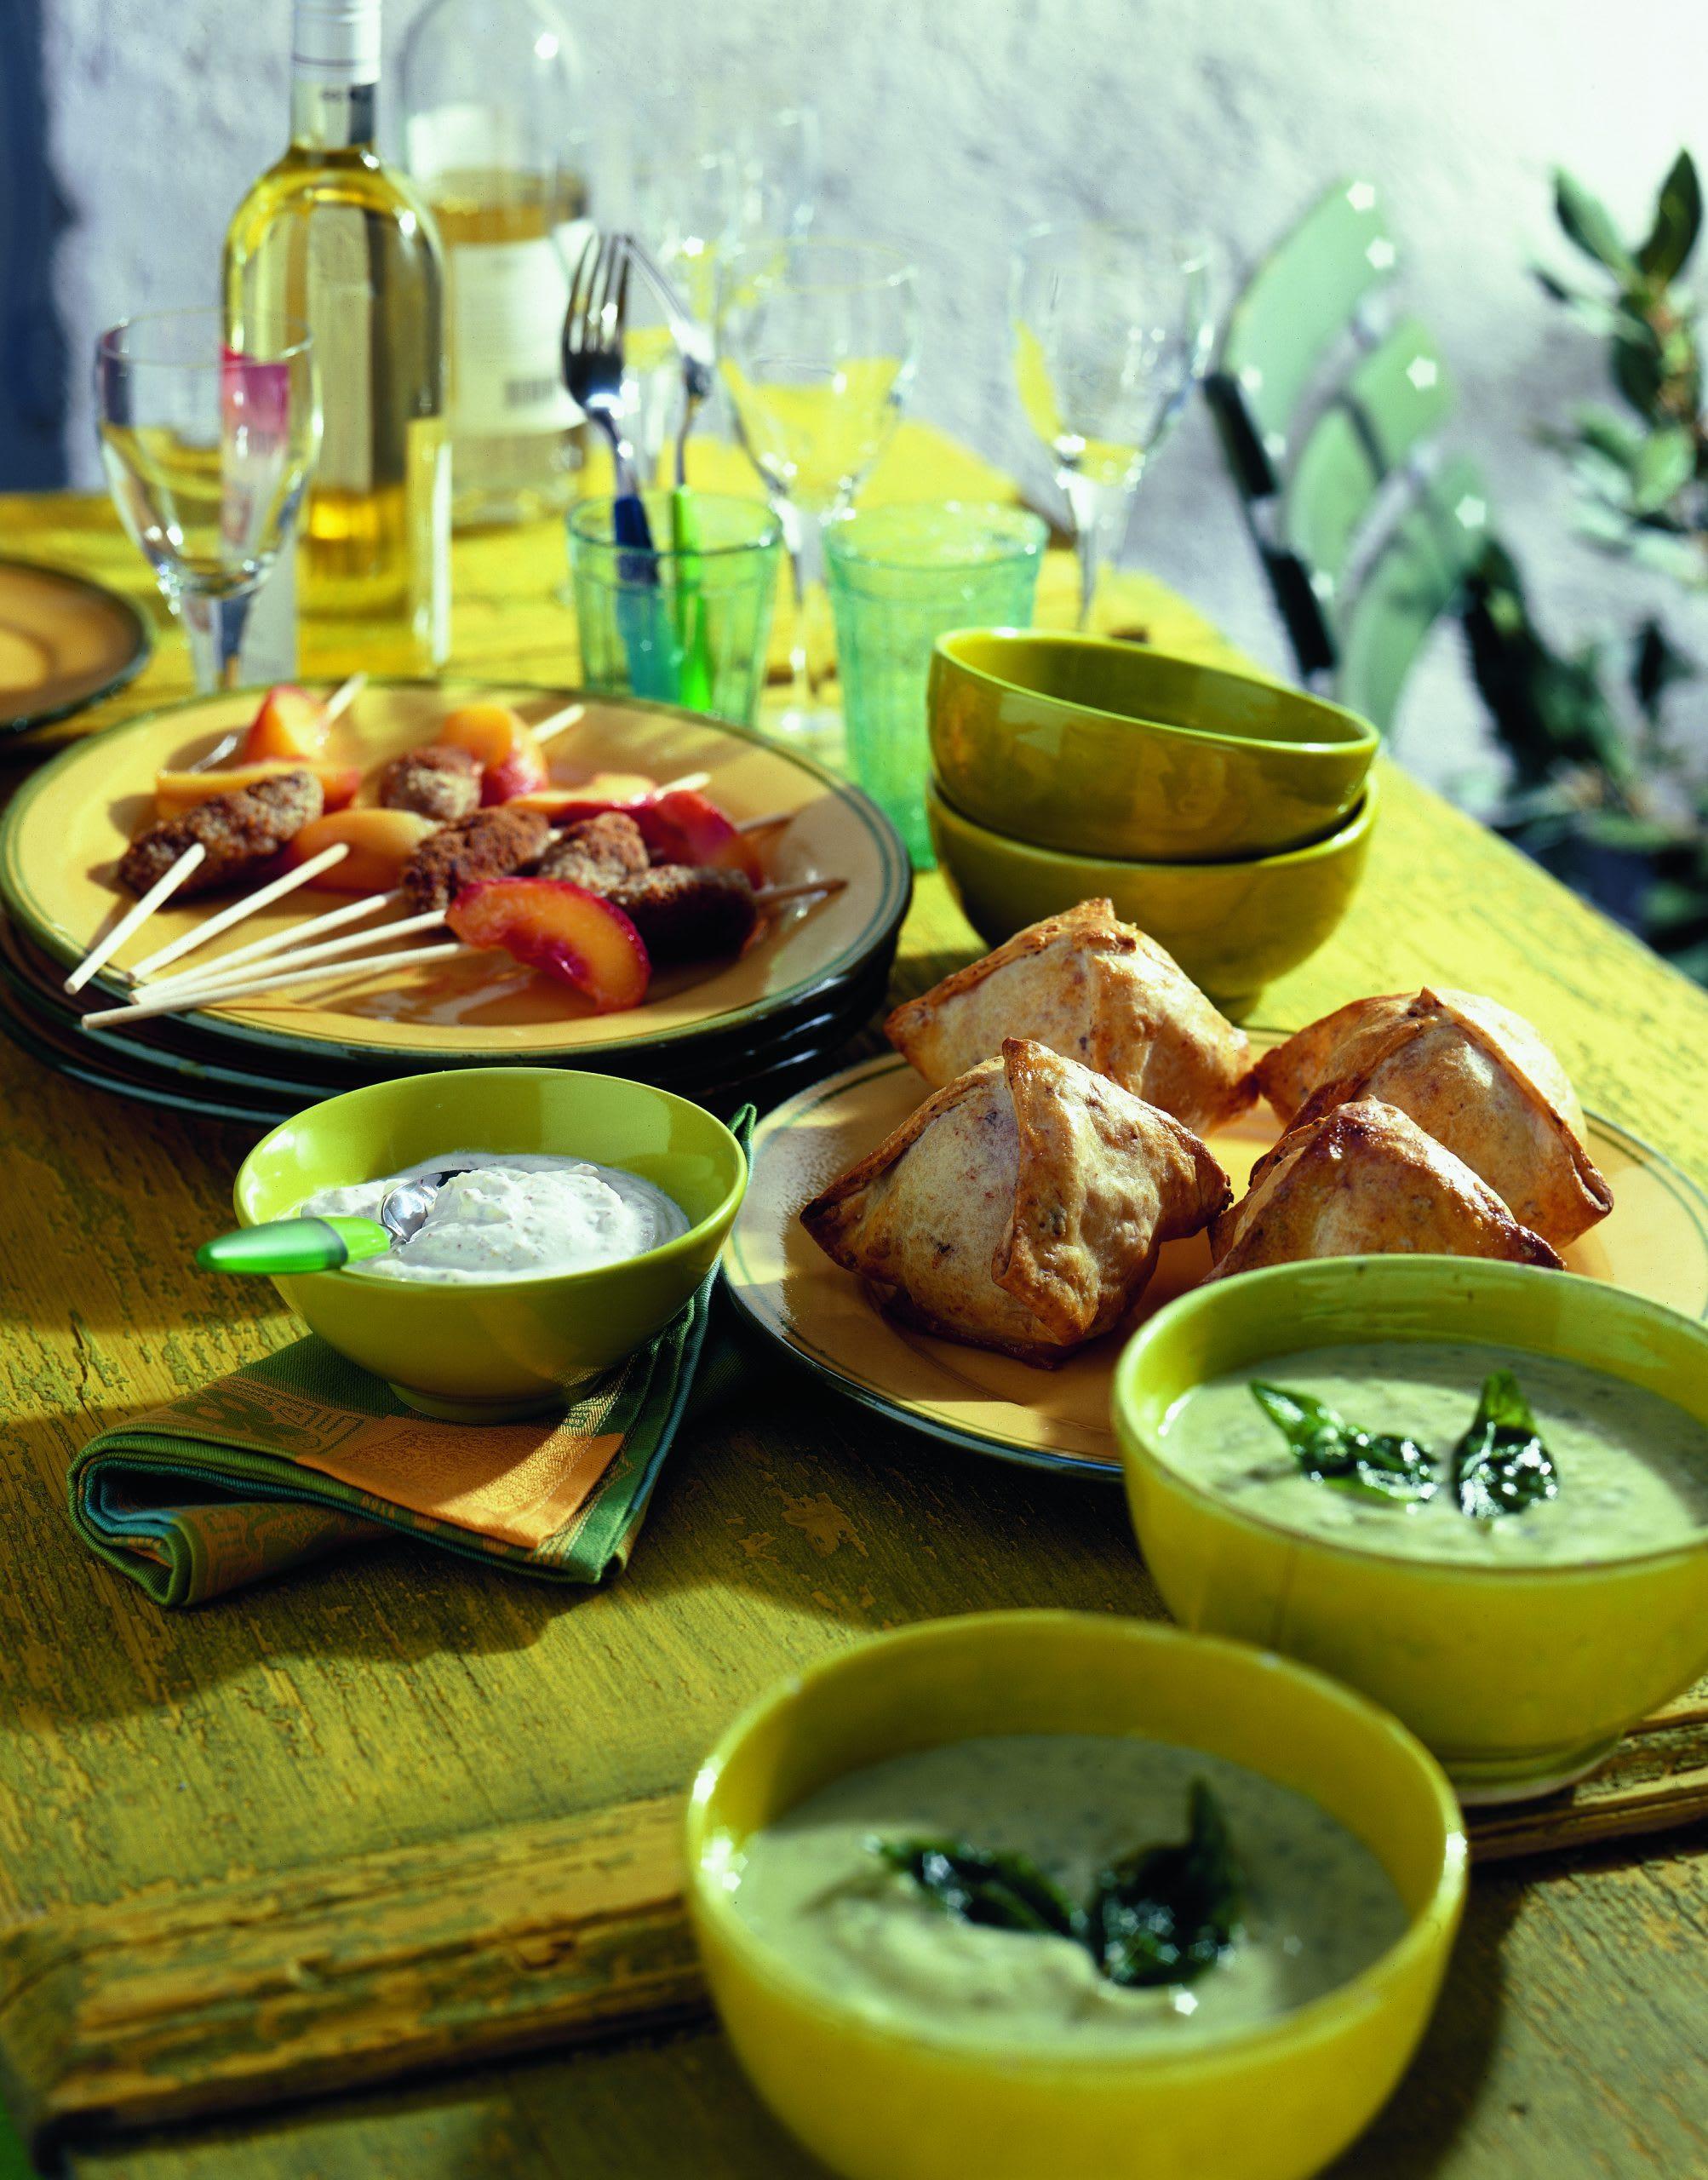 Brochettes de viande hachée avec dip au miel et à la moutarde